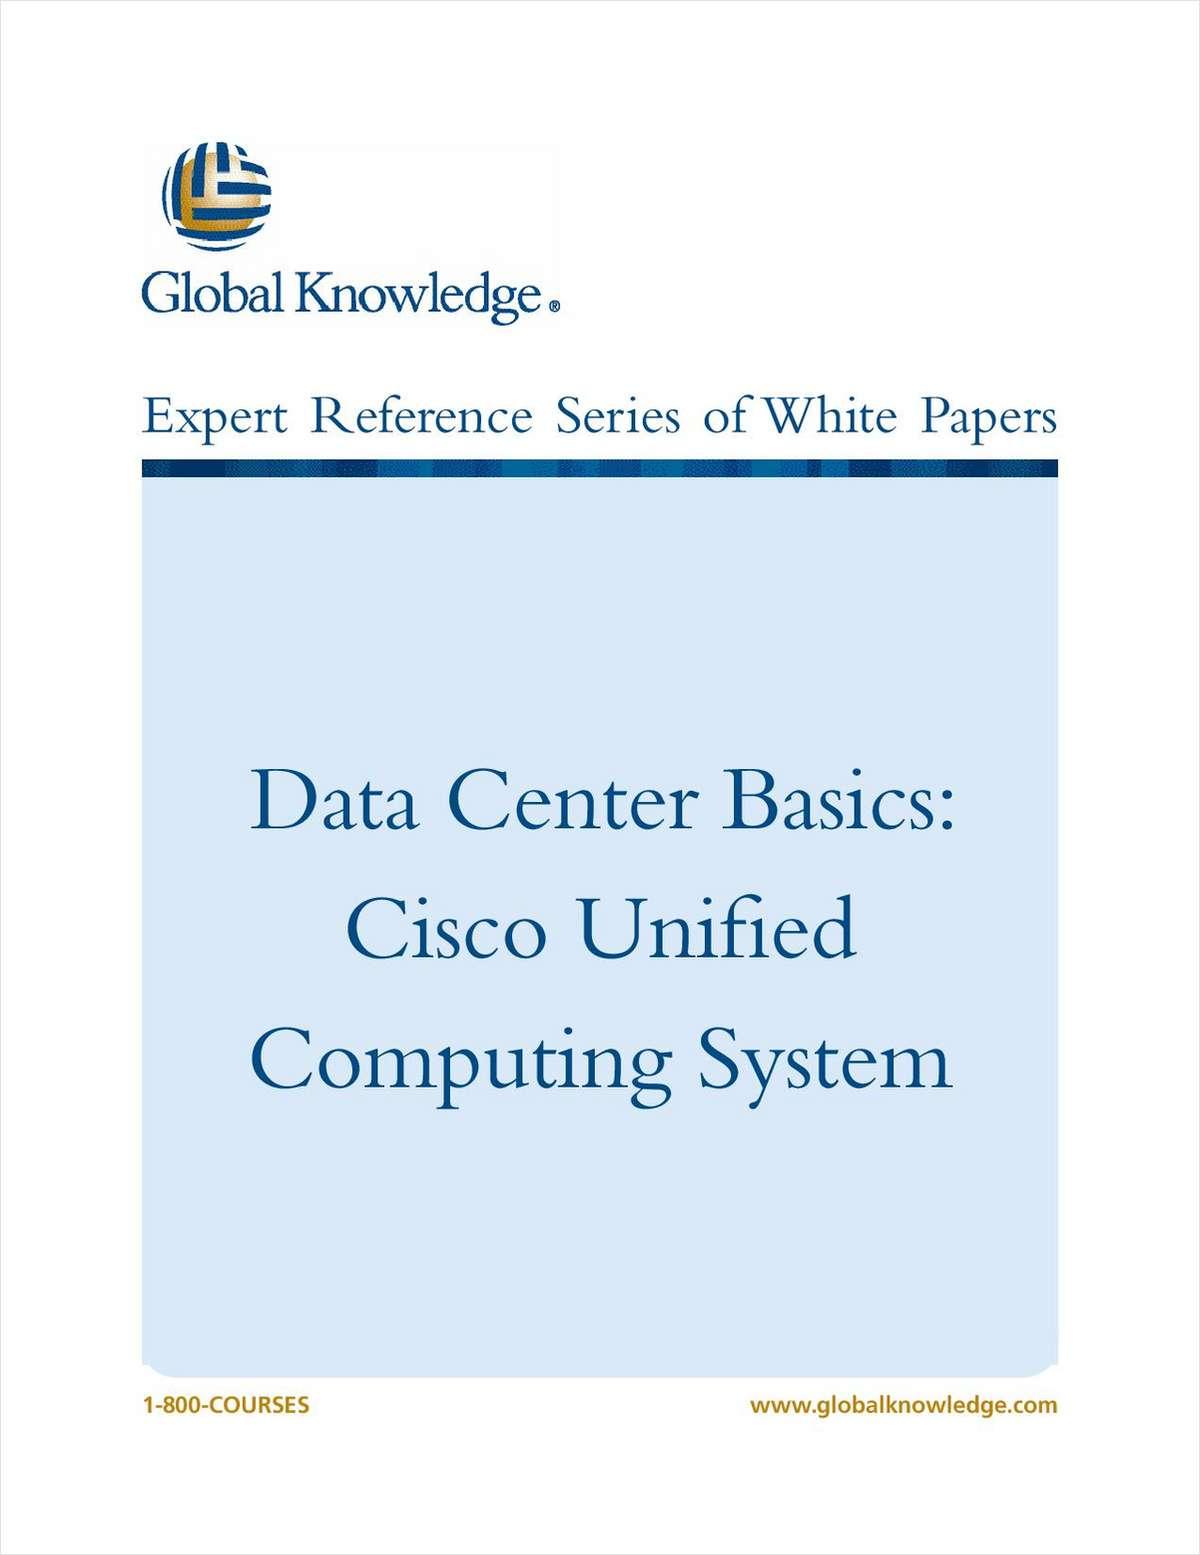 Data Center Basics - Cisco UCS